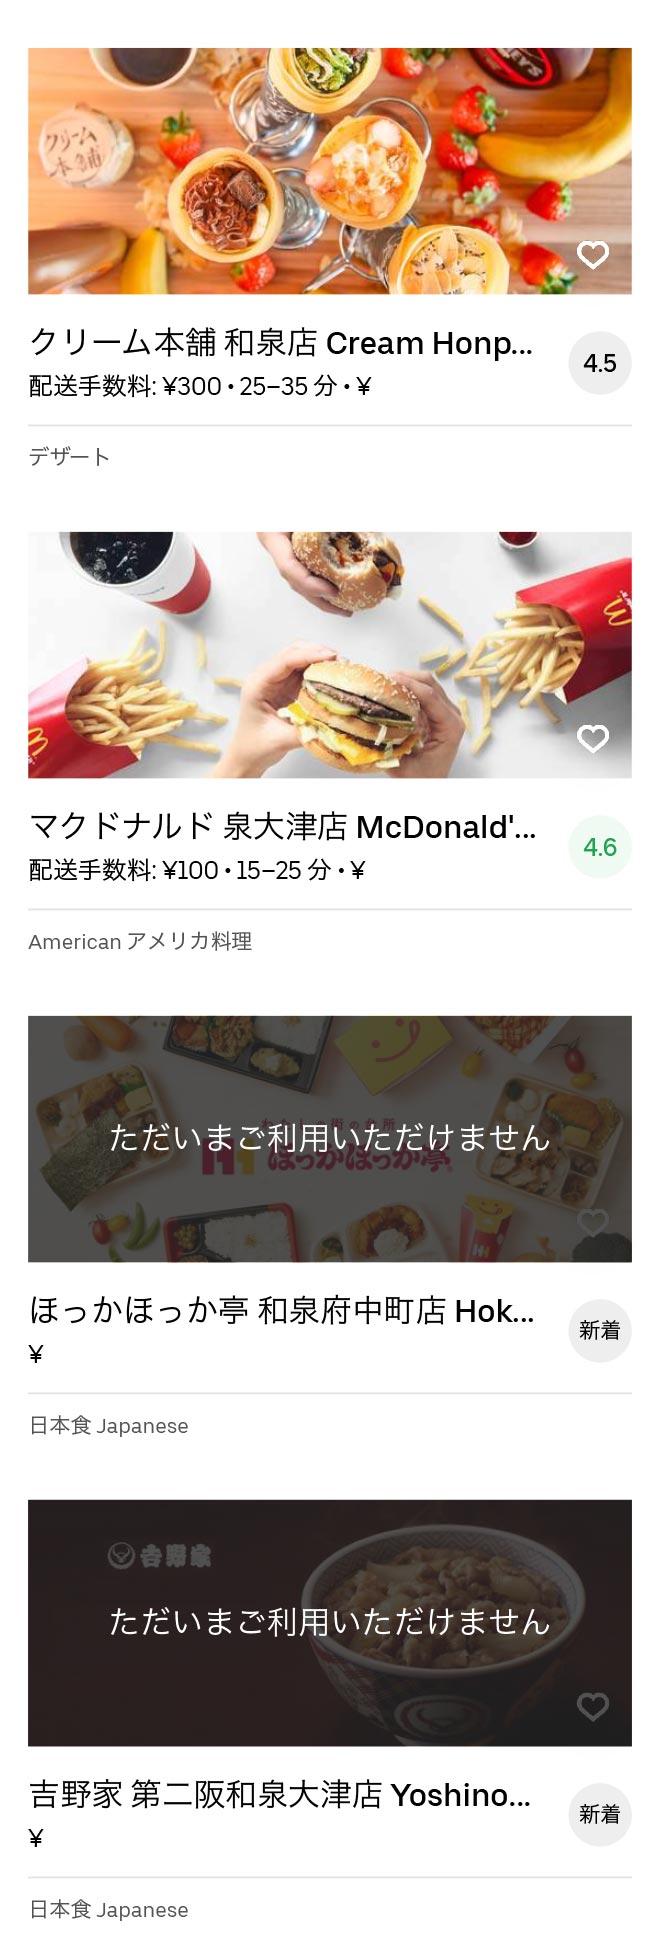 Izumi fuchu menu 2005 04